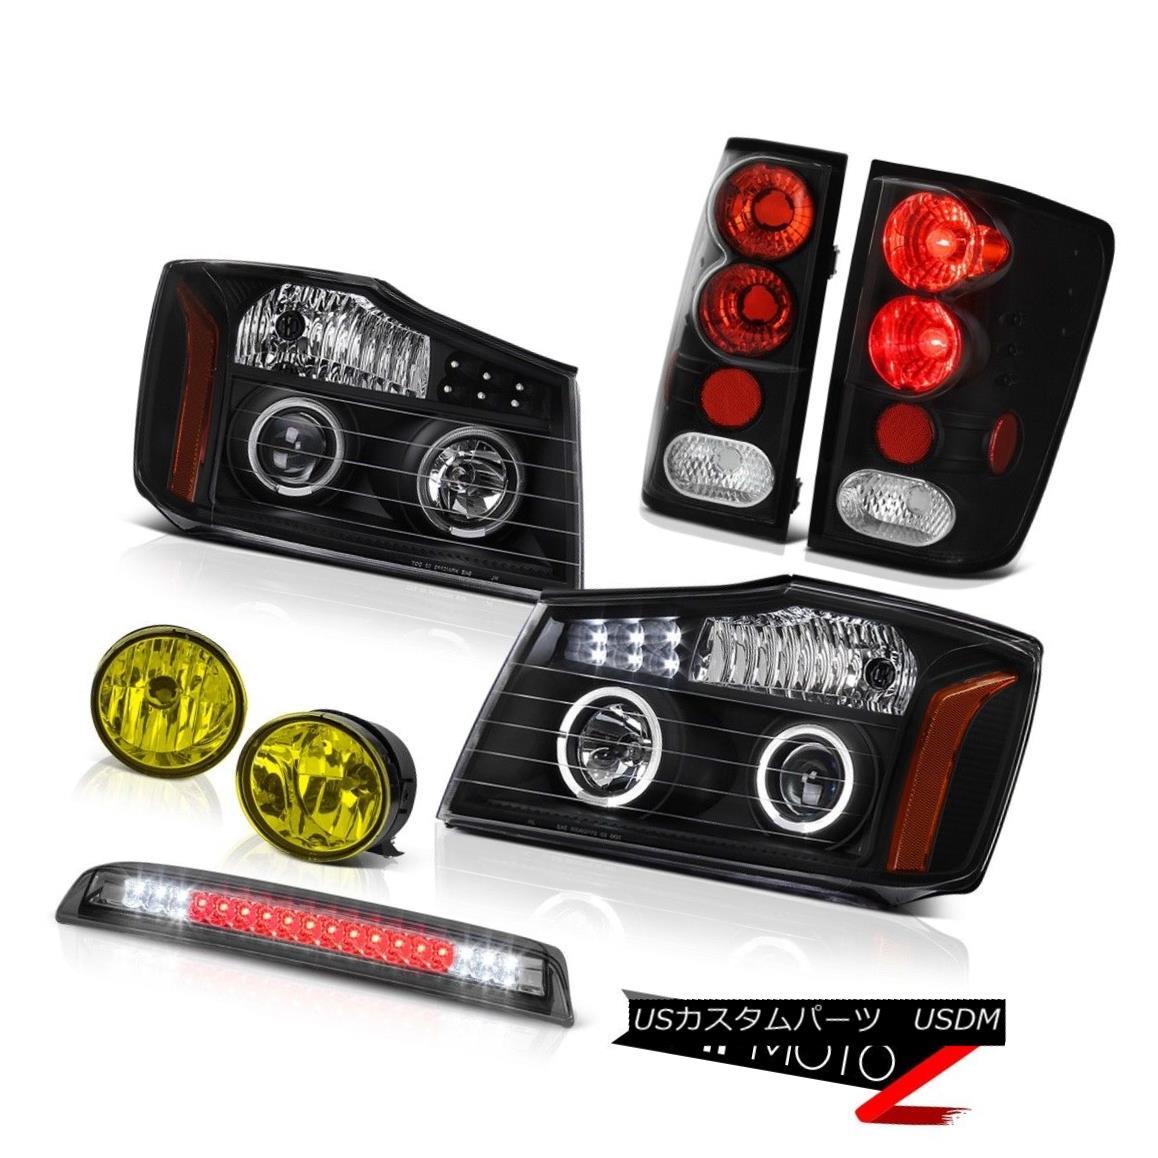 テールライト For 04-15 Titan LE LED Pro Headlamps Tail Lights Bumper Fog Roof Stop Tinted 04-15タイタンLE LEDプロヘッドランプテールライトバンパーフォグルーフストーンティント